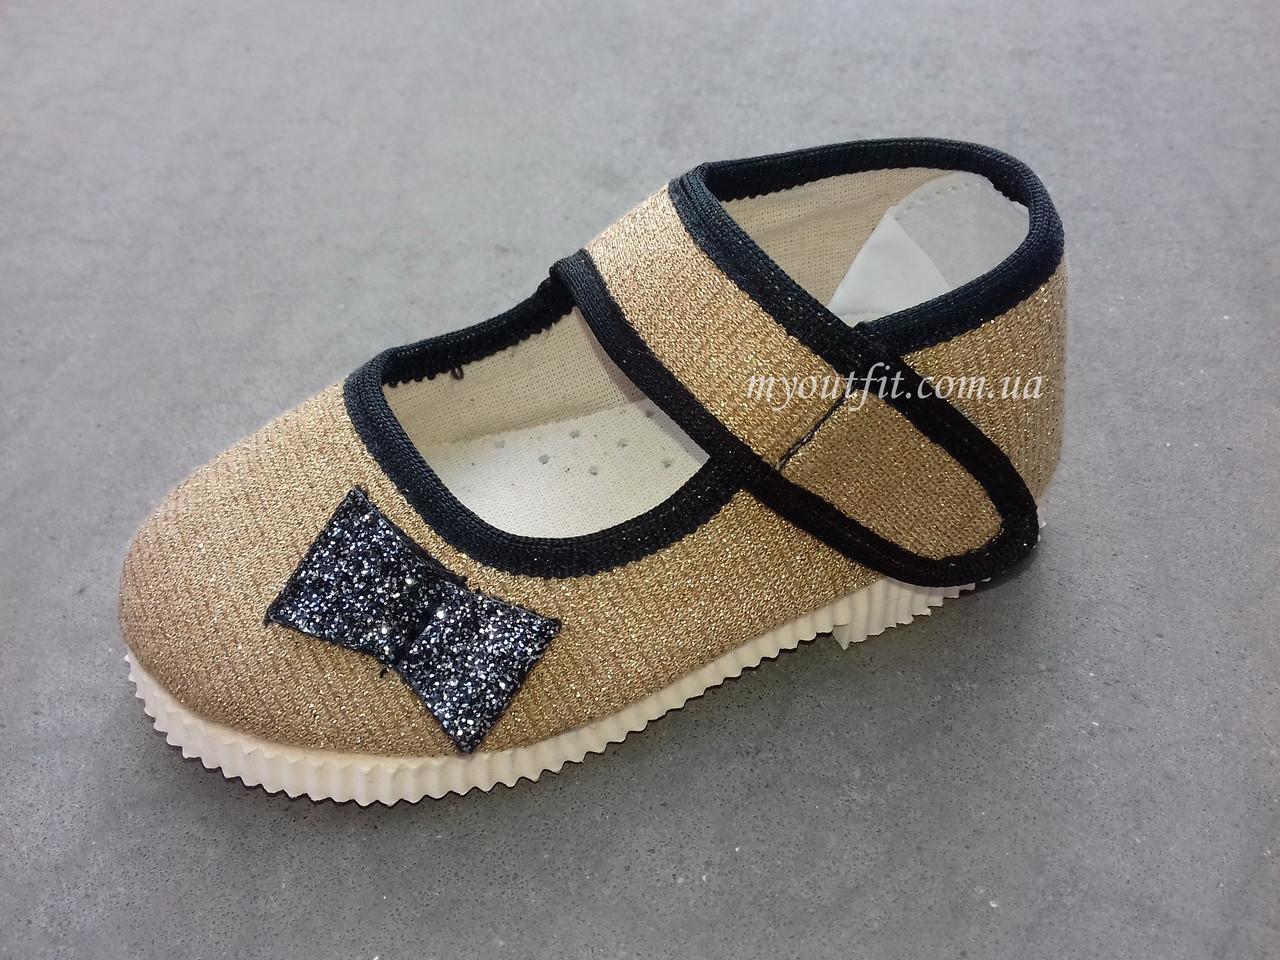 Нарядные детские туфли на липучке Золотые Размер 24